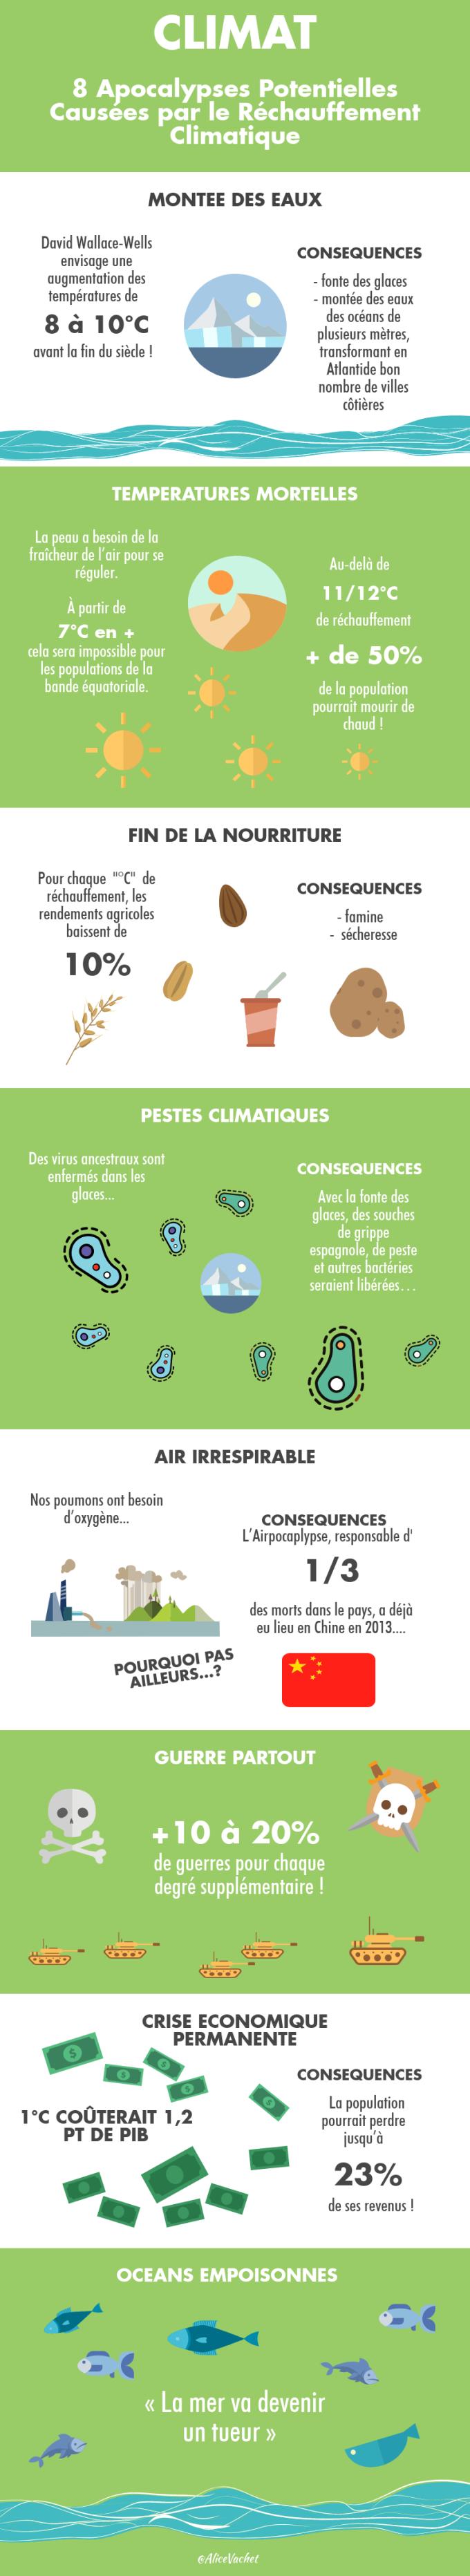 [INFOGRAPHIE] CLIMAT : 8 Apocalypses Potentielles Causées Par Le RéchauffementClimatique